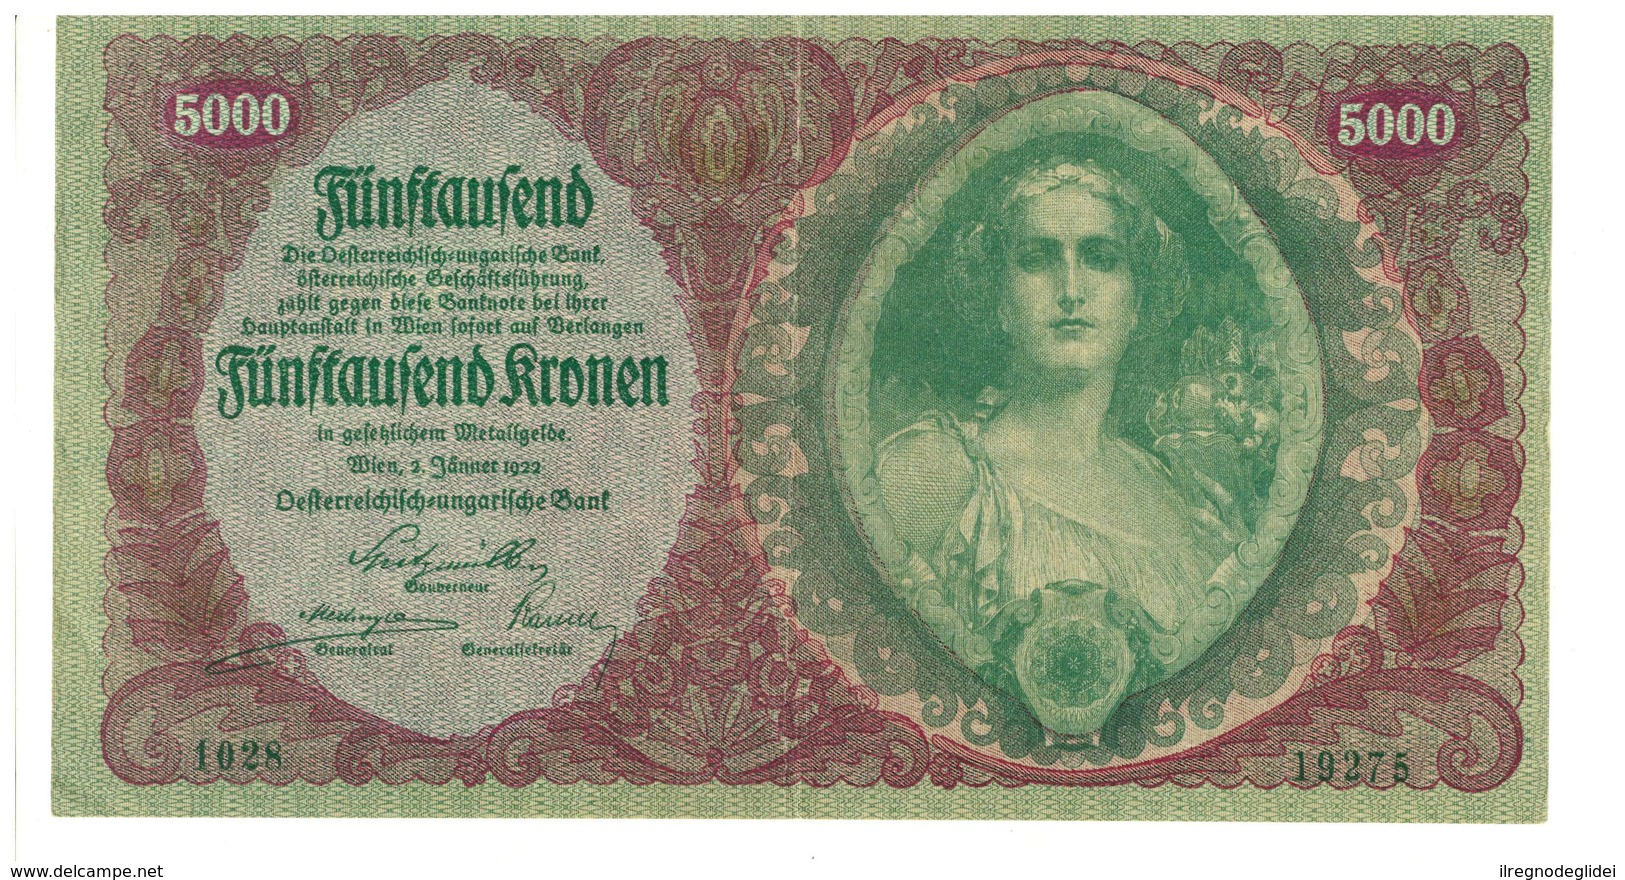 IMPERO AUSTRO UNGARICO - ANNO 1922 - 5000 KRONEN - QUALITA' B - SERIALE 1028 - 19275 - WYSIWYG - Austria